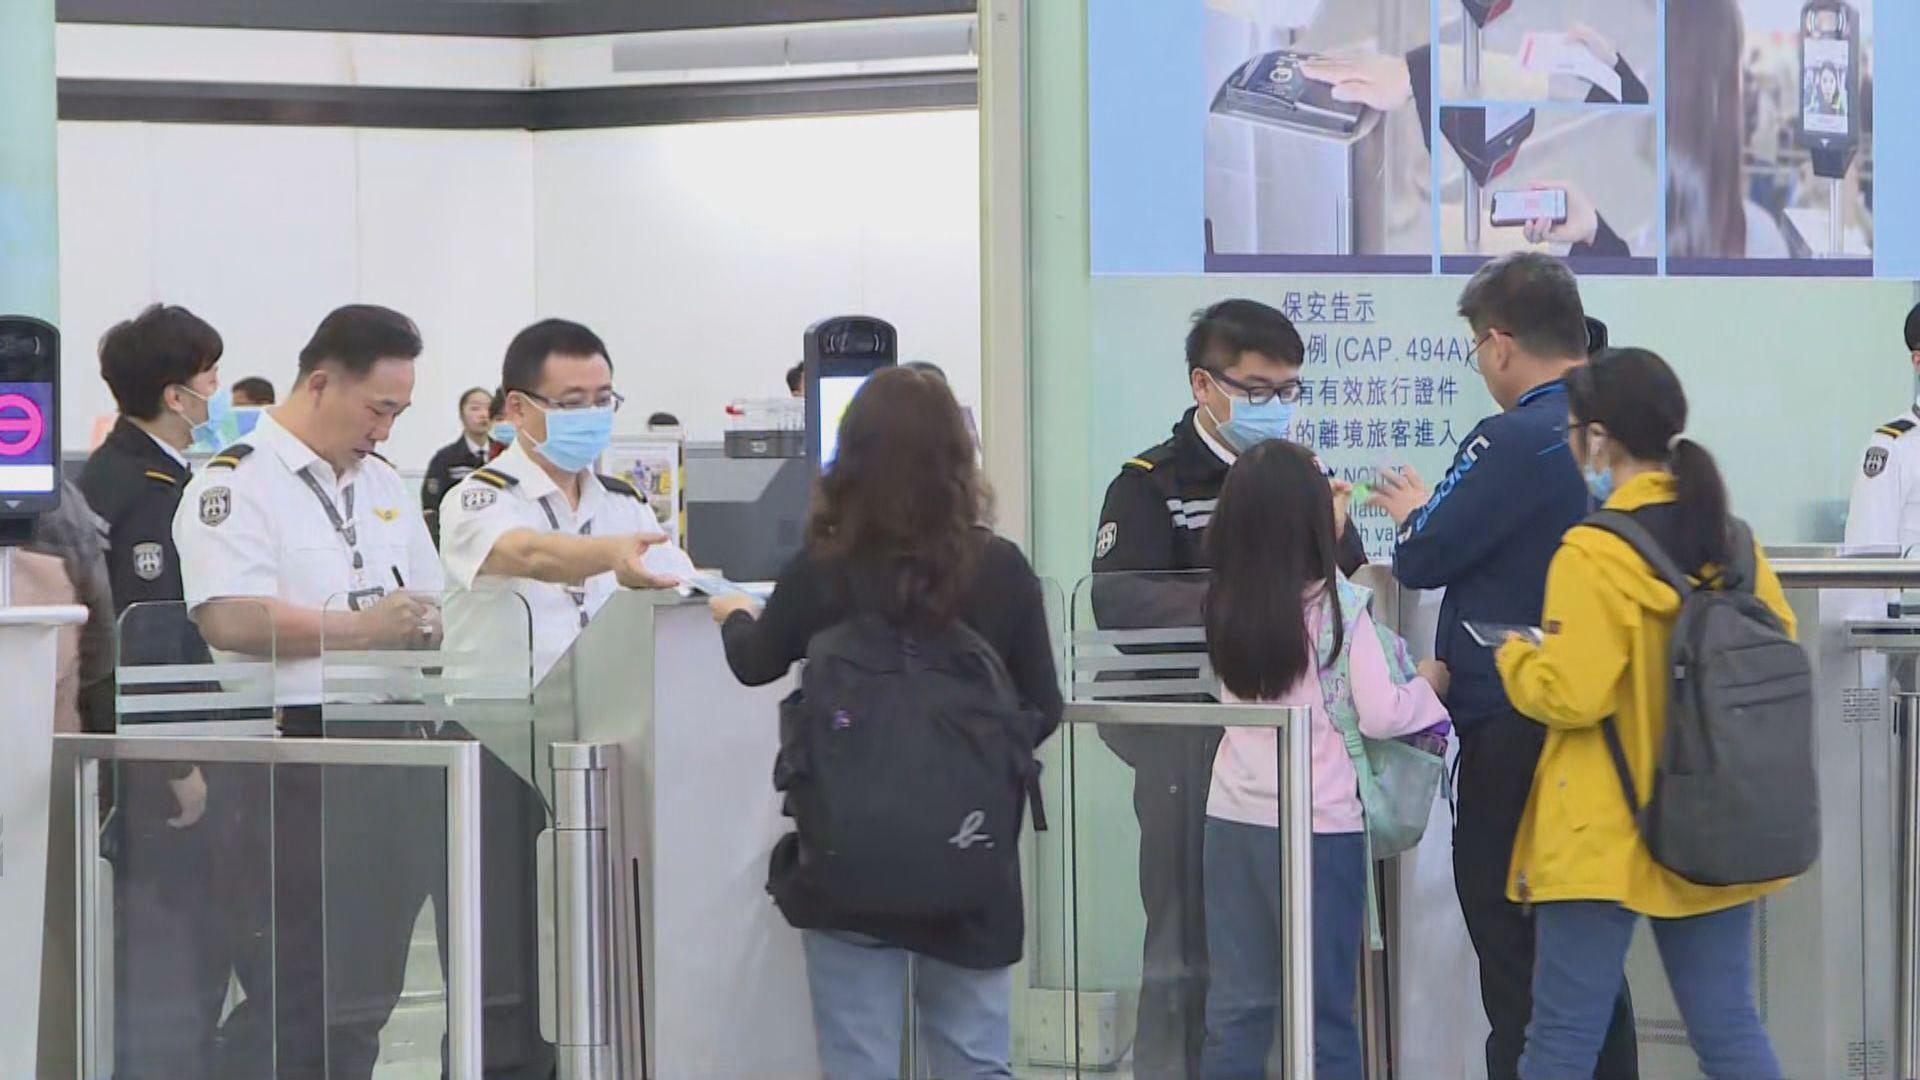 本港機場下周一起實施強制佩戴口罩措施